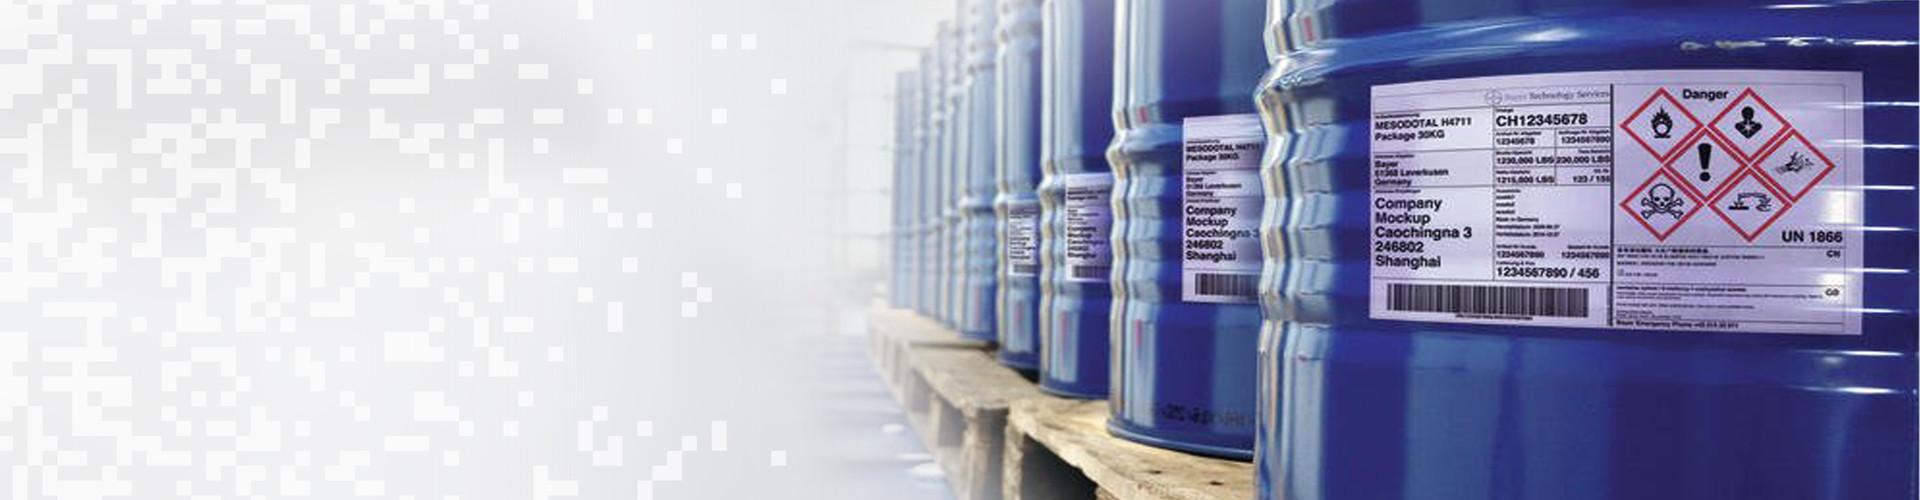 Lösungen für die Getränkeindustrie